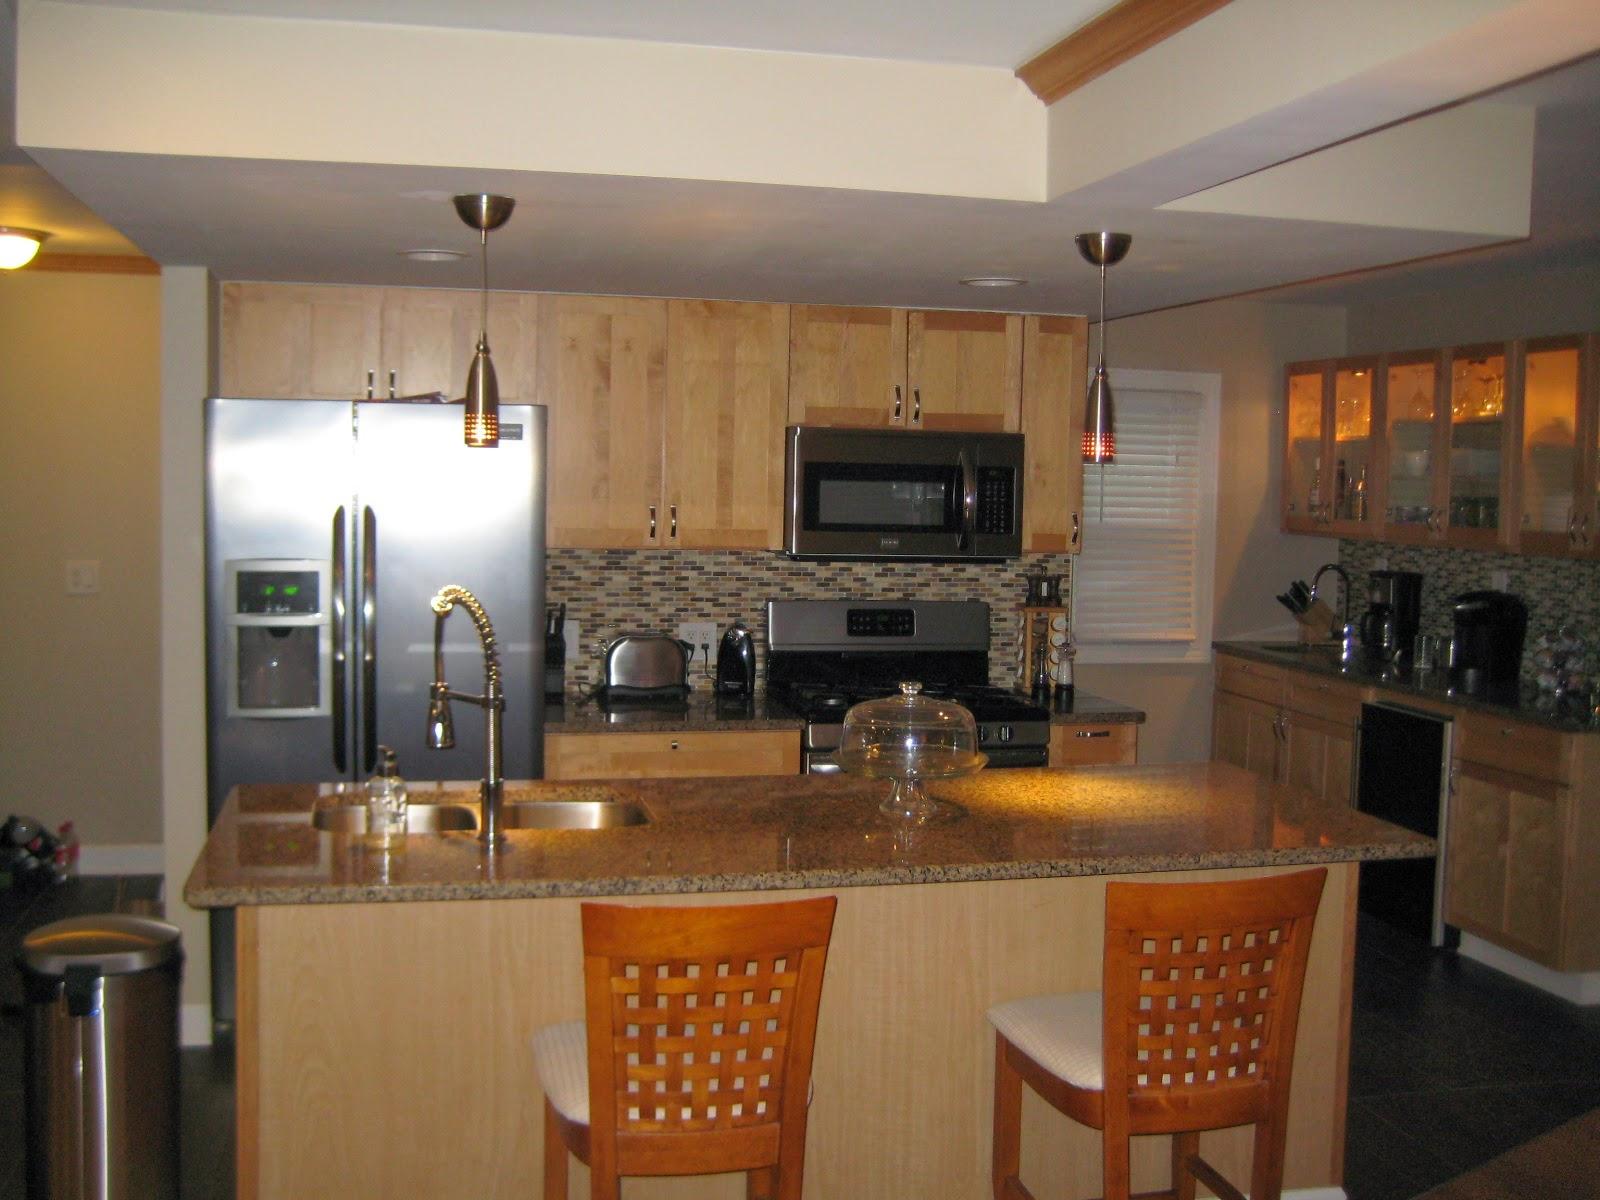 Kitchen Remodeling Birmingham Mi Amazon Undermount Sink Prestige Construction